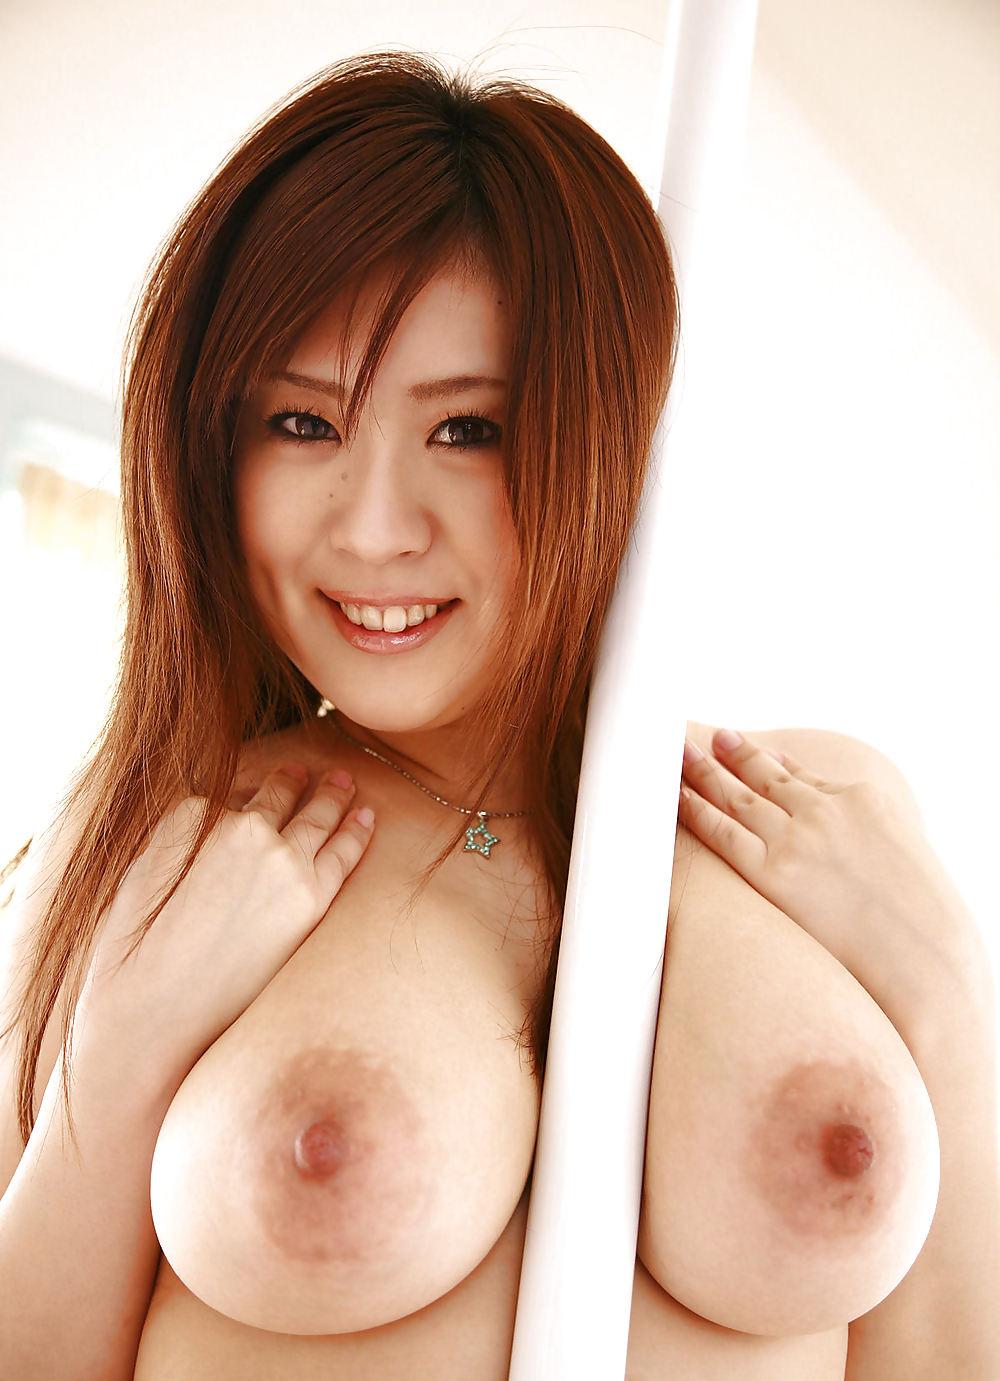 Jessie deville nude